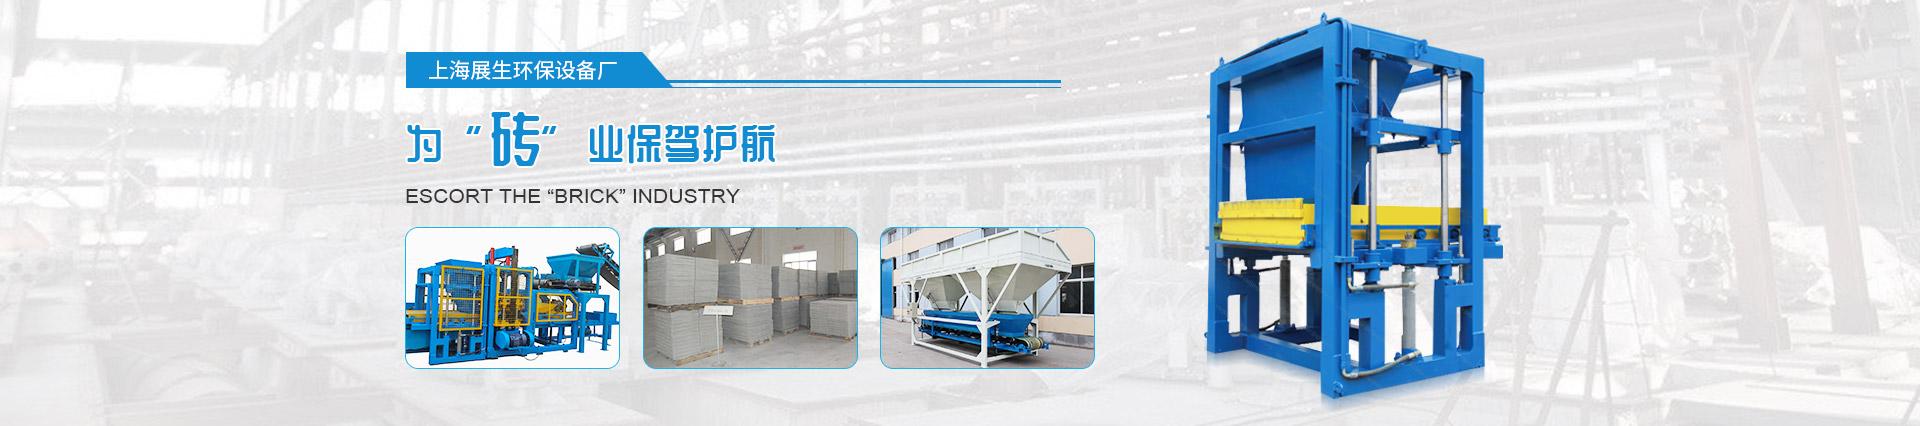 上海展生環保設備廠專業從事高品質水泥磚機,模具,碼磚機等設備的制造,銷售